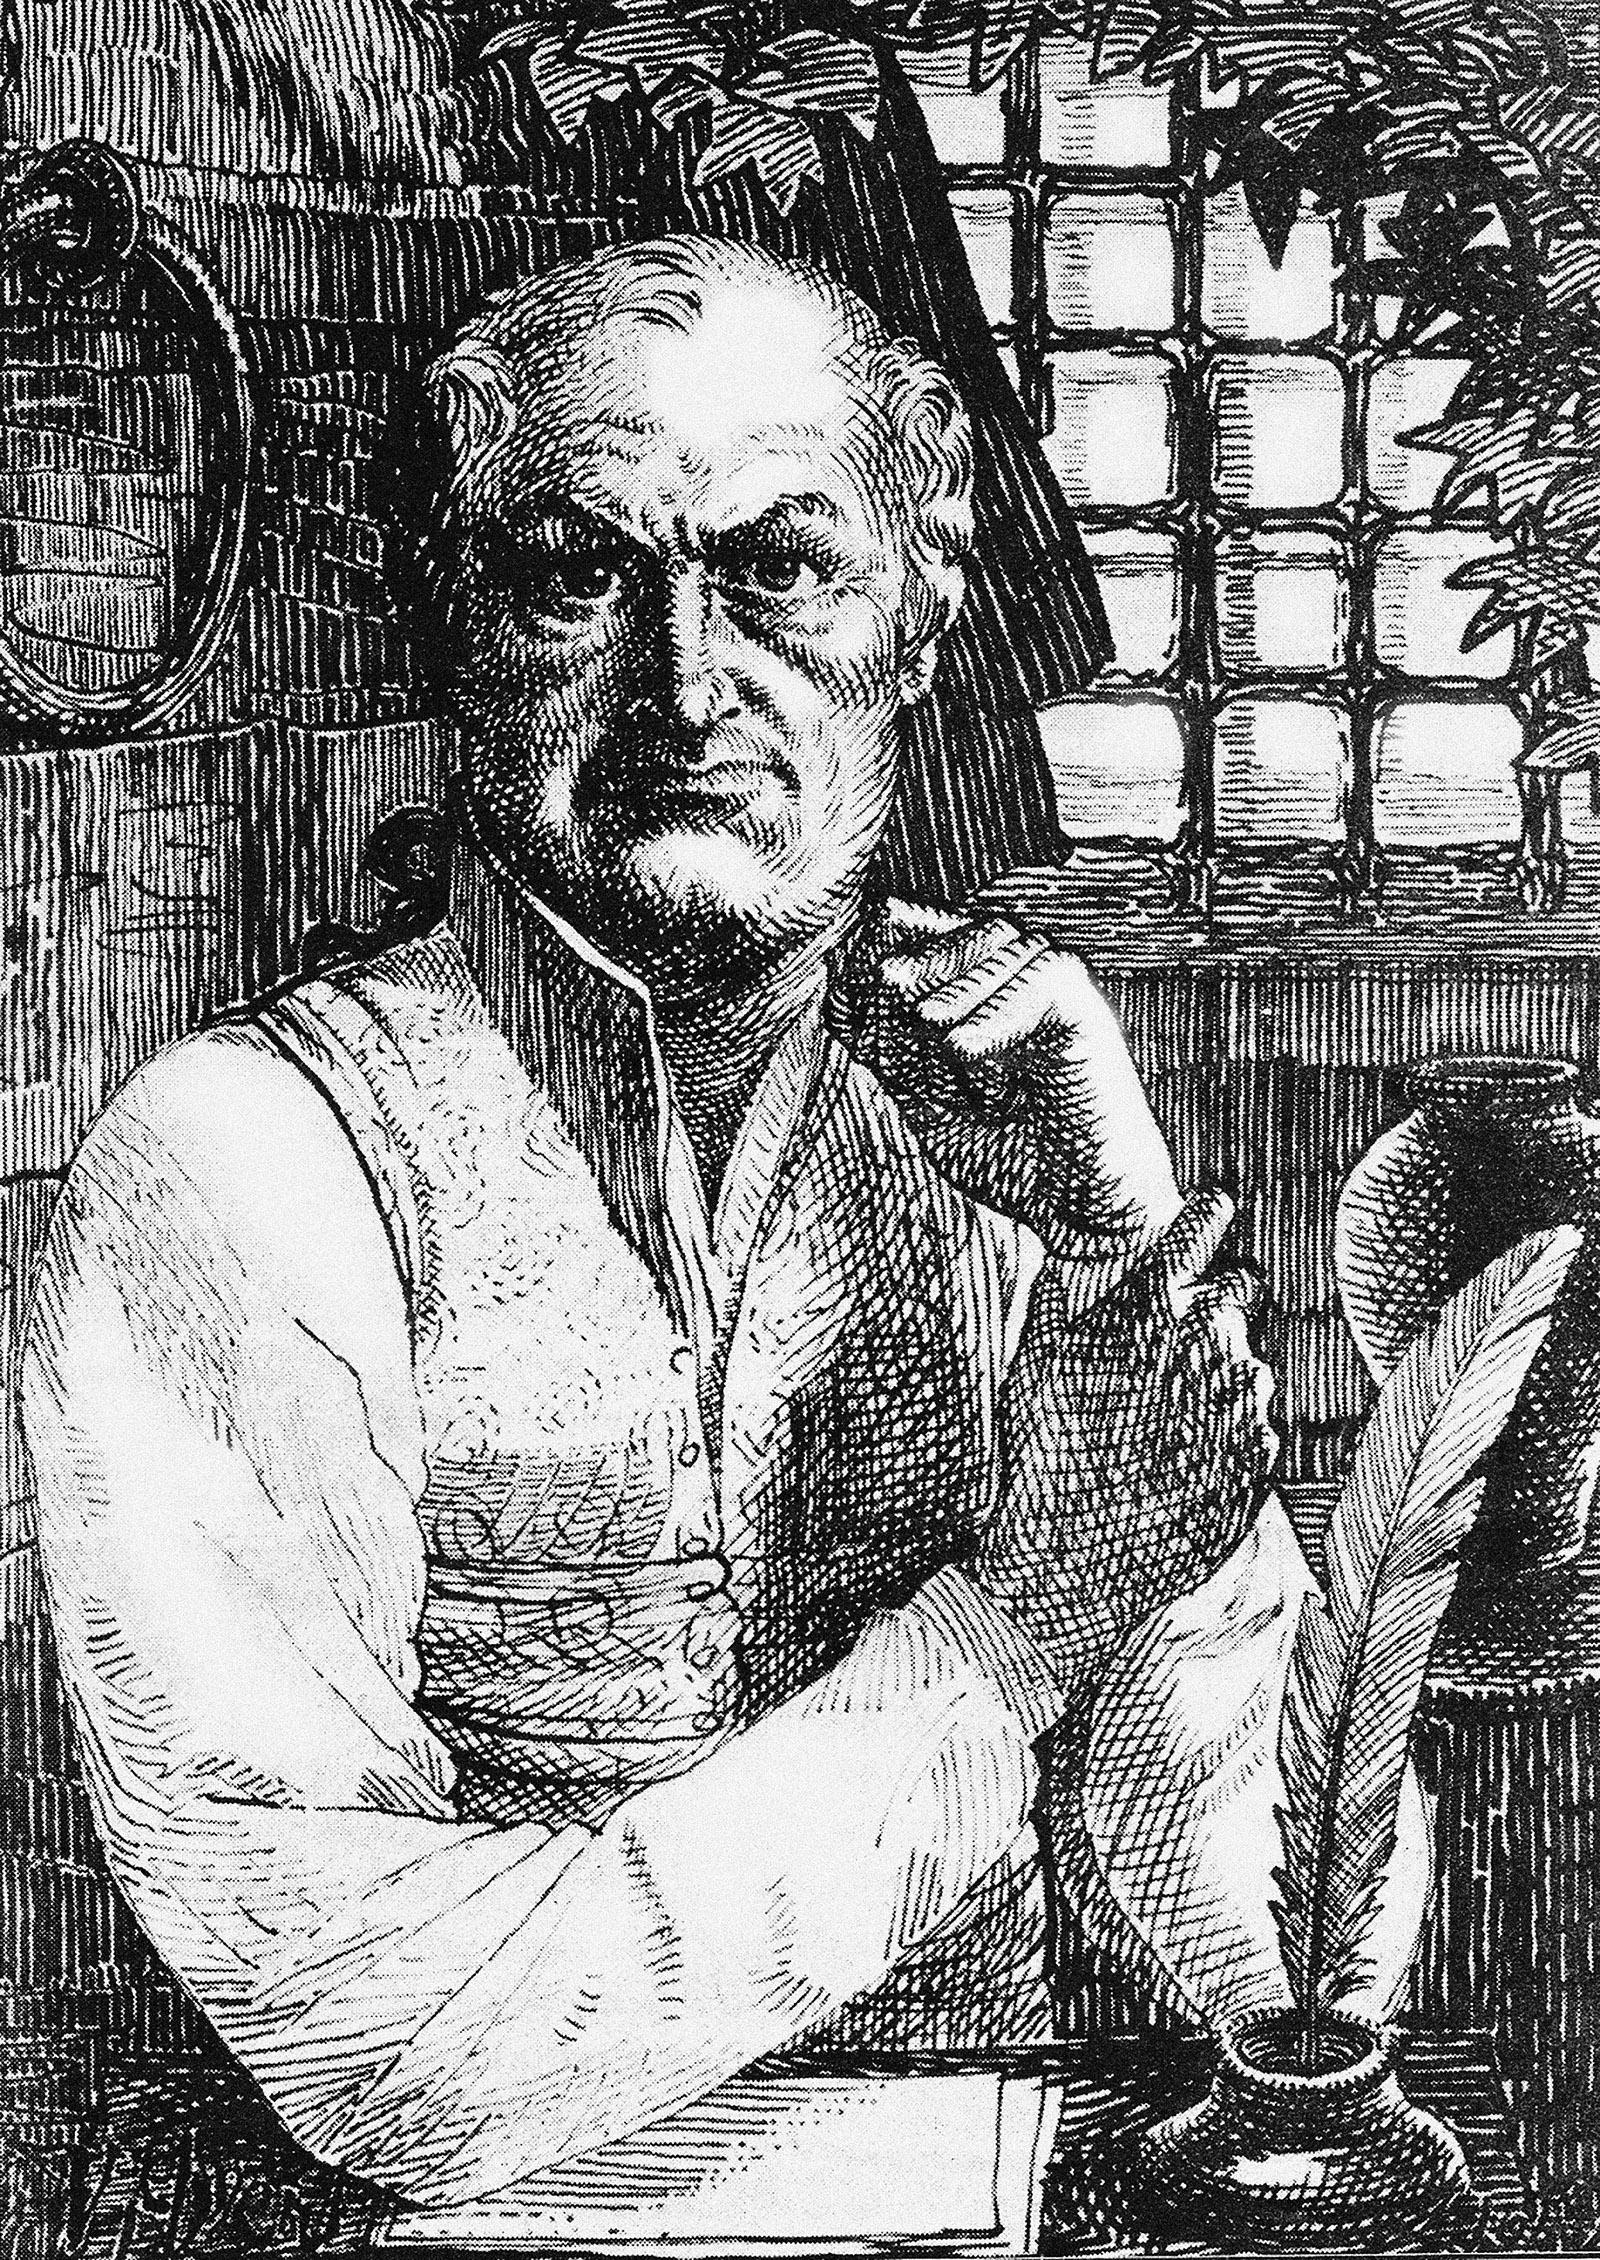 Engraving of de Sade